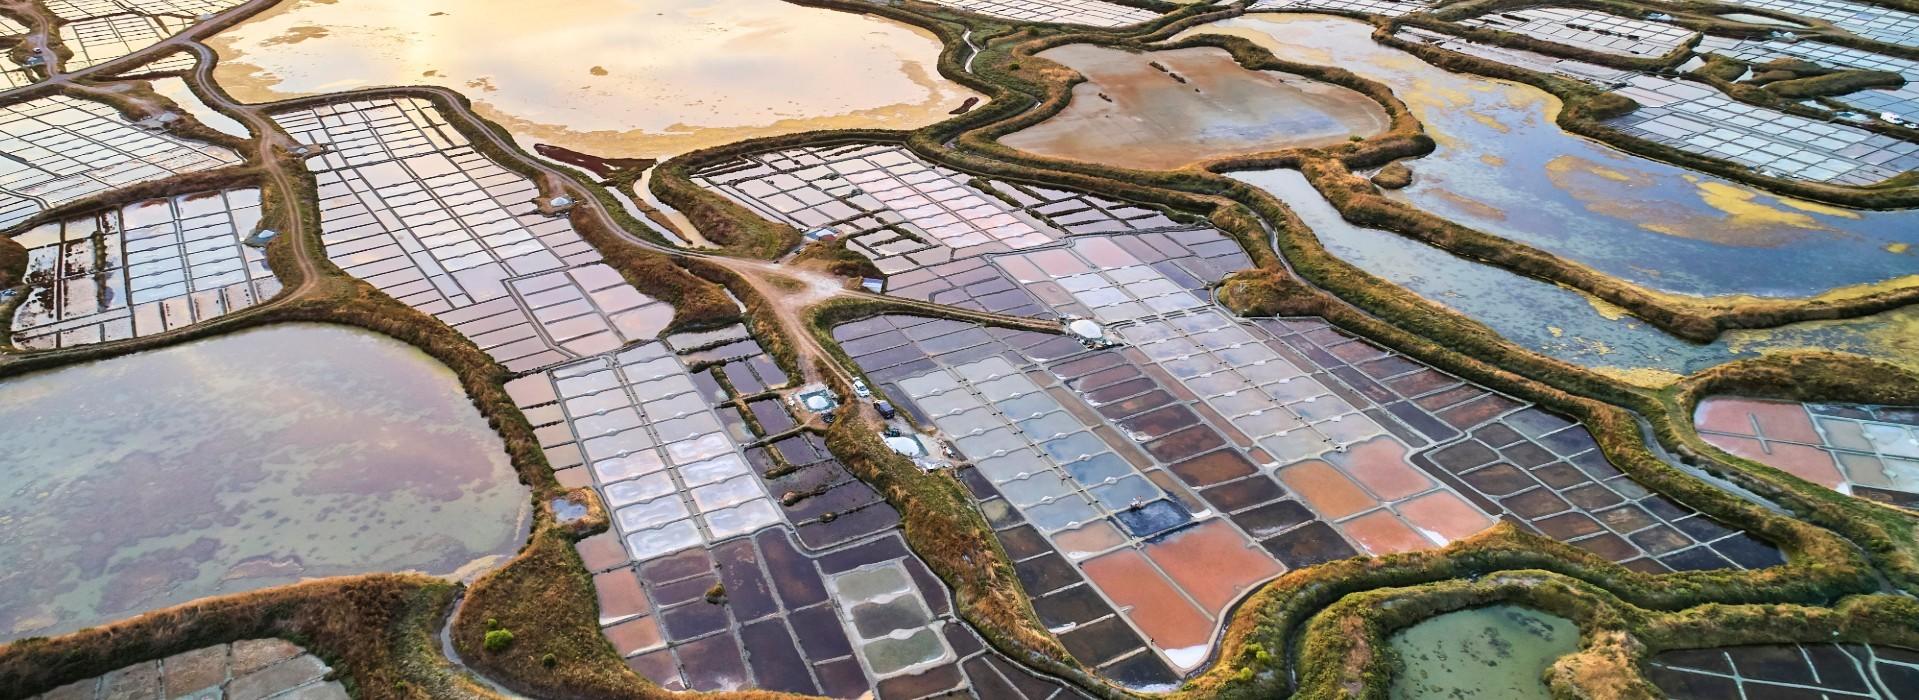 Marais salants de Guérande - Mosaïque de couleurs - Alexandre Lamoureux